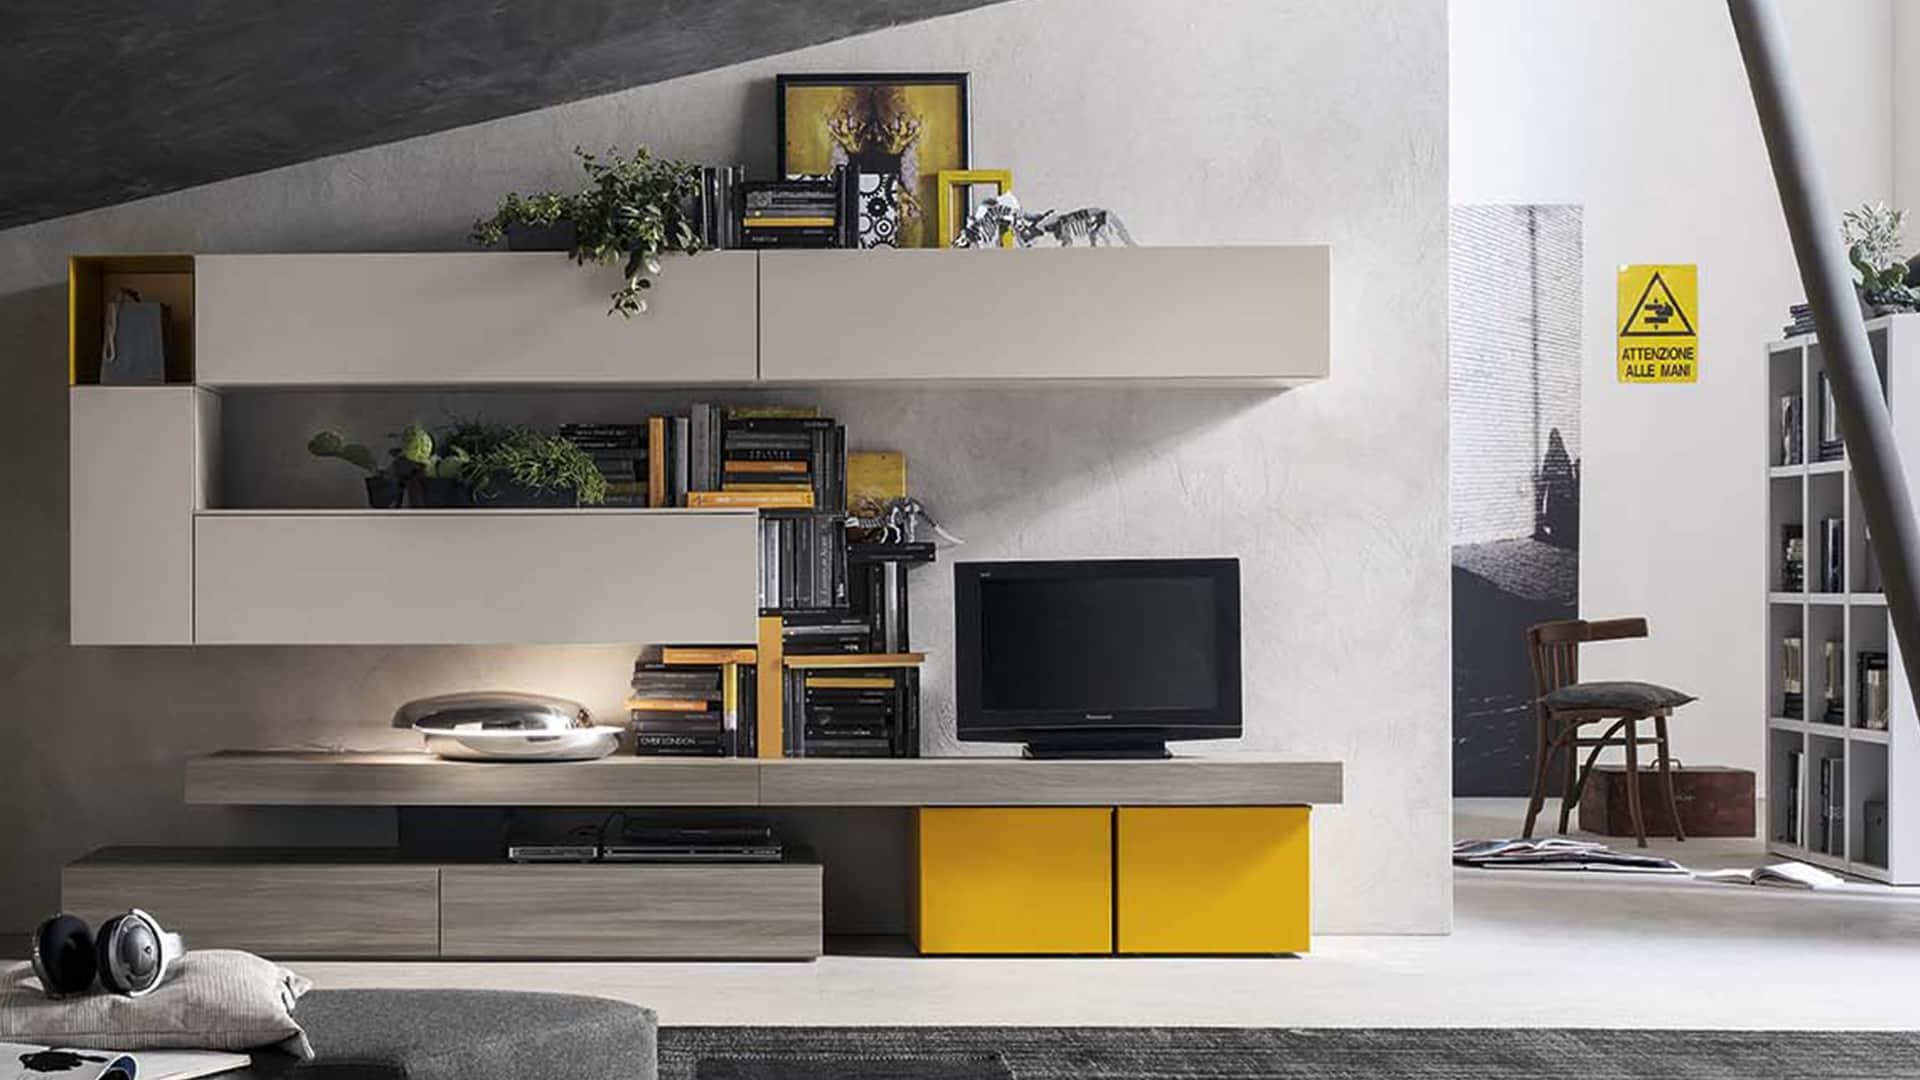 Vendita di mobili per soggiorno a padova mobili da for Outlet arredamento bolzano